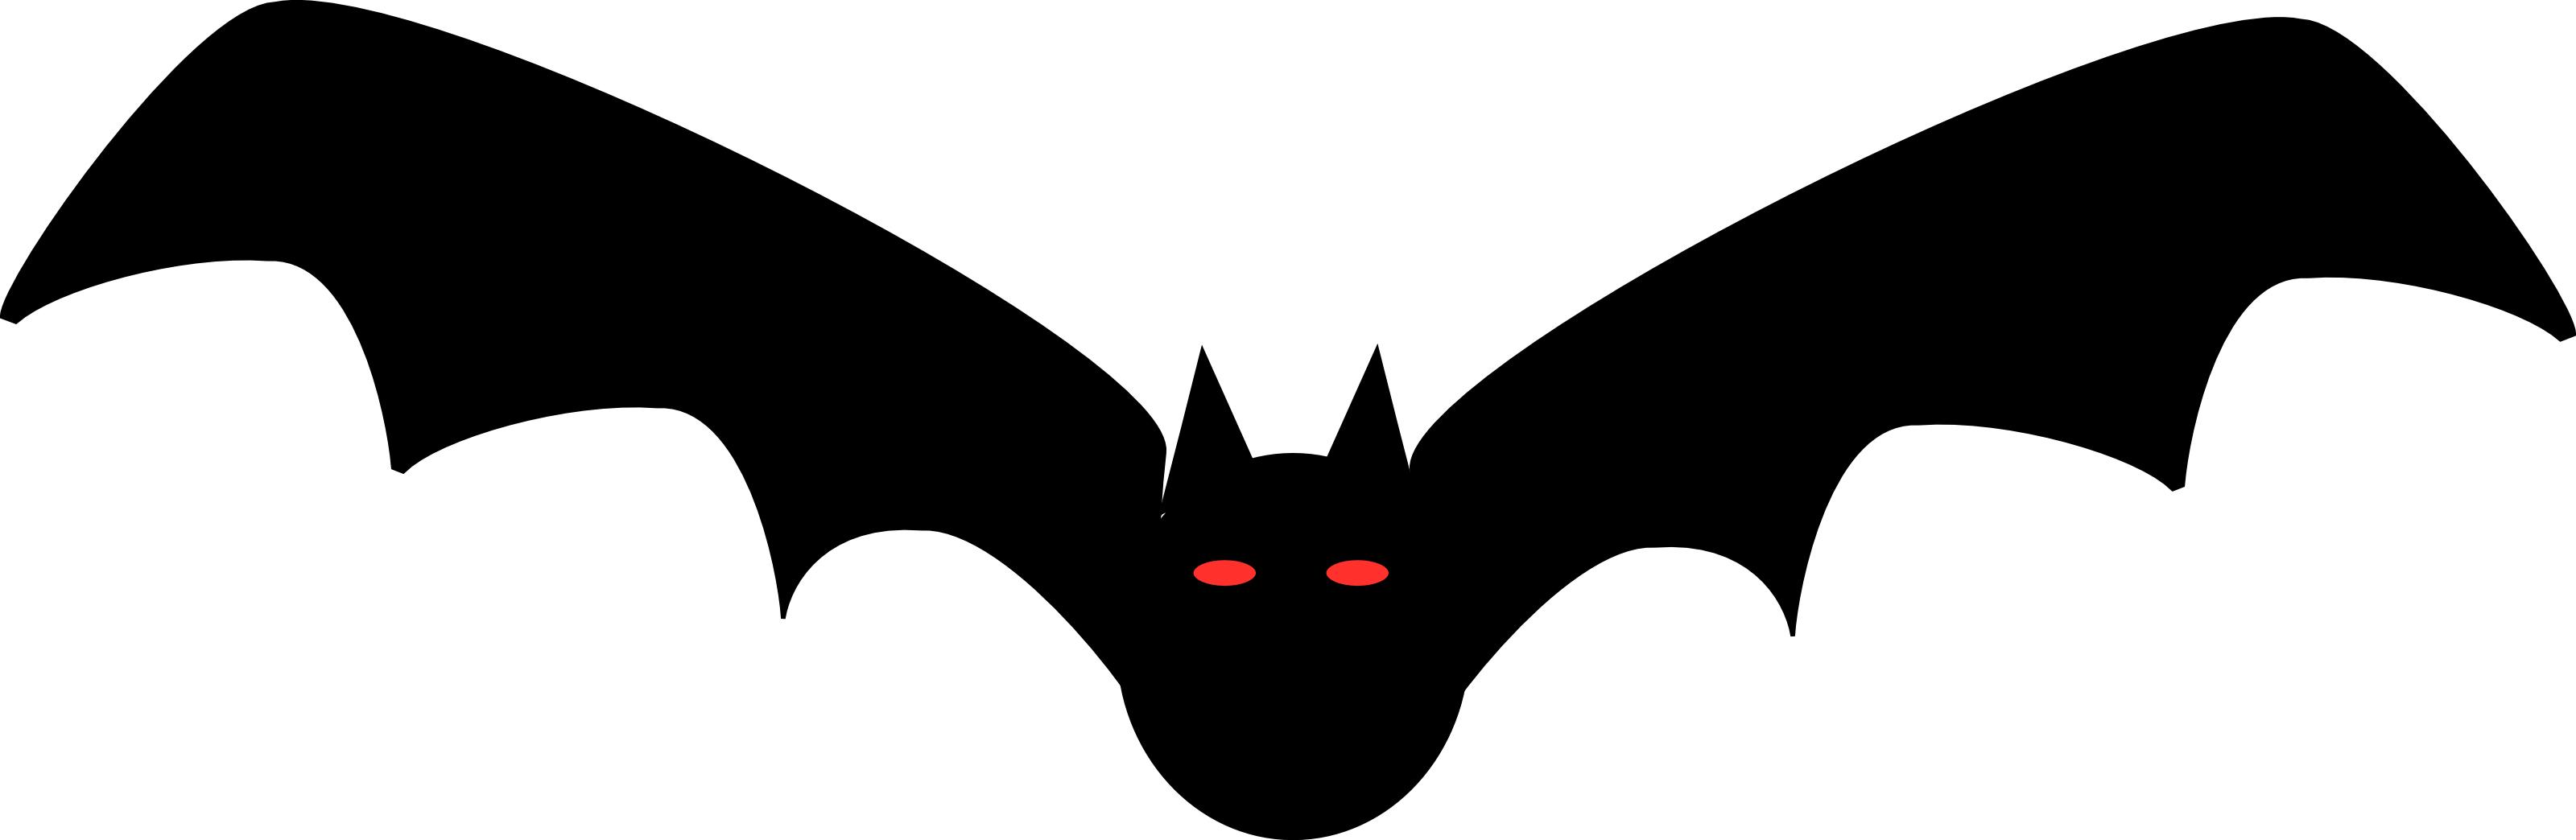 3200x1044 Bat Clipart Free Clipart Images 7